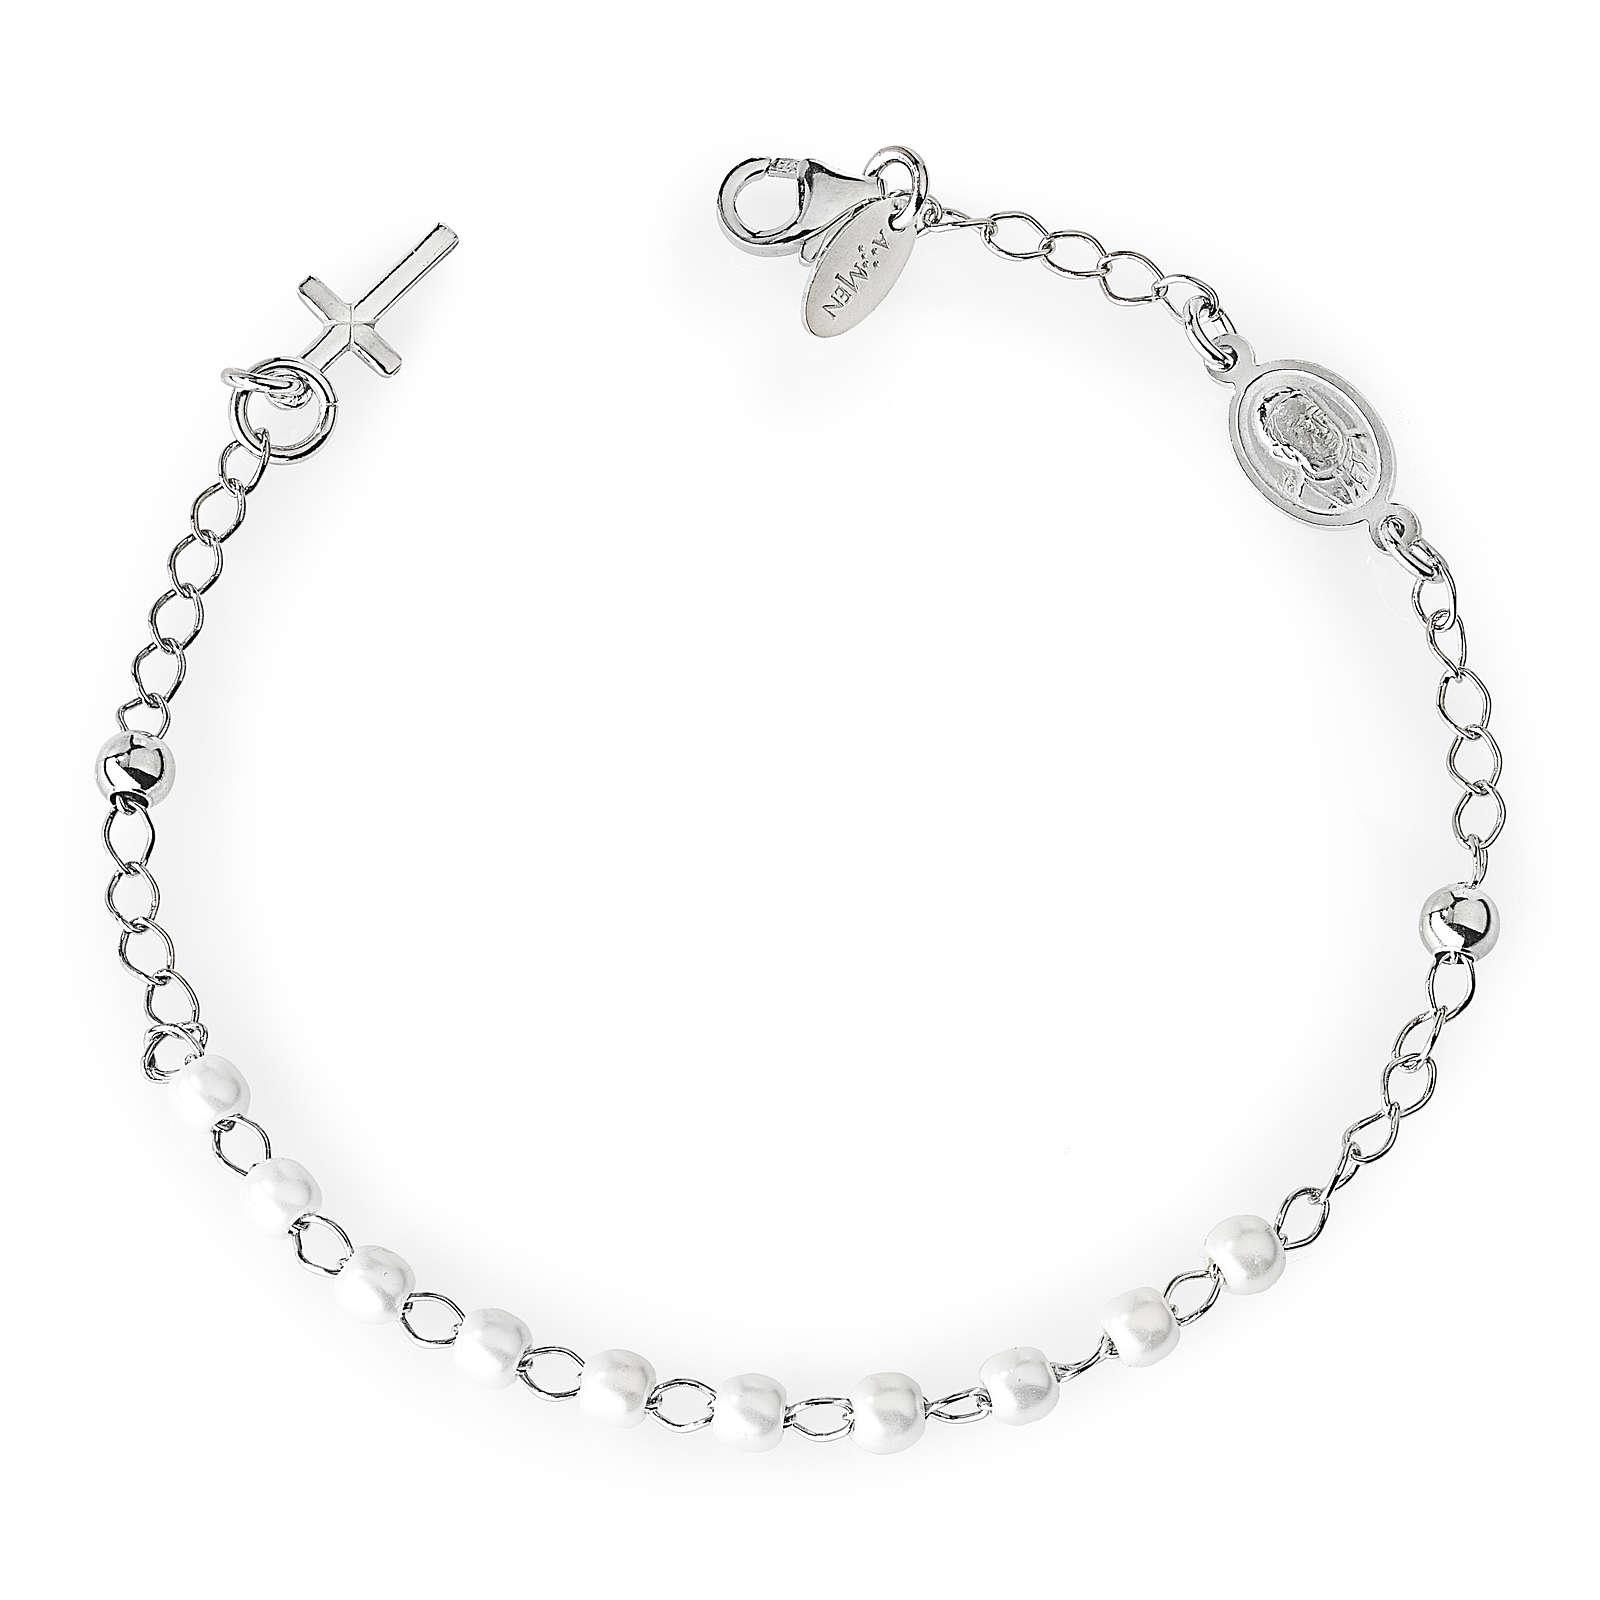 Bracciale rosario AMEN croce charm perle arg 925 fin. Rodio 4